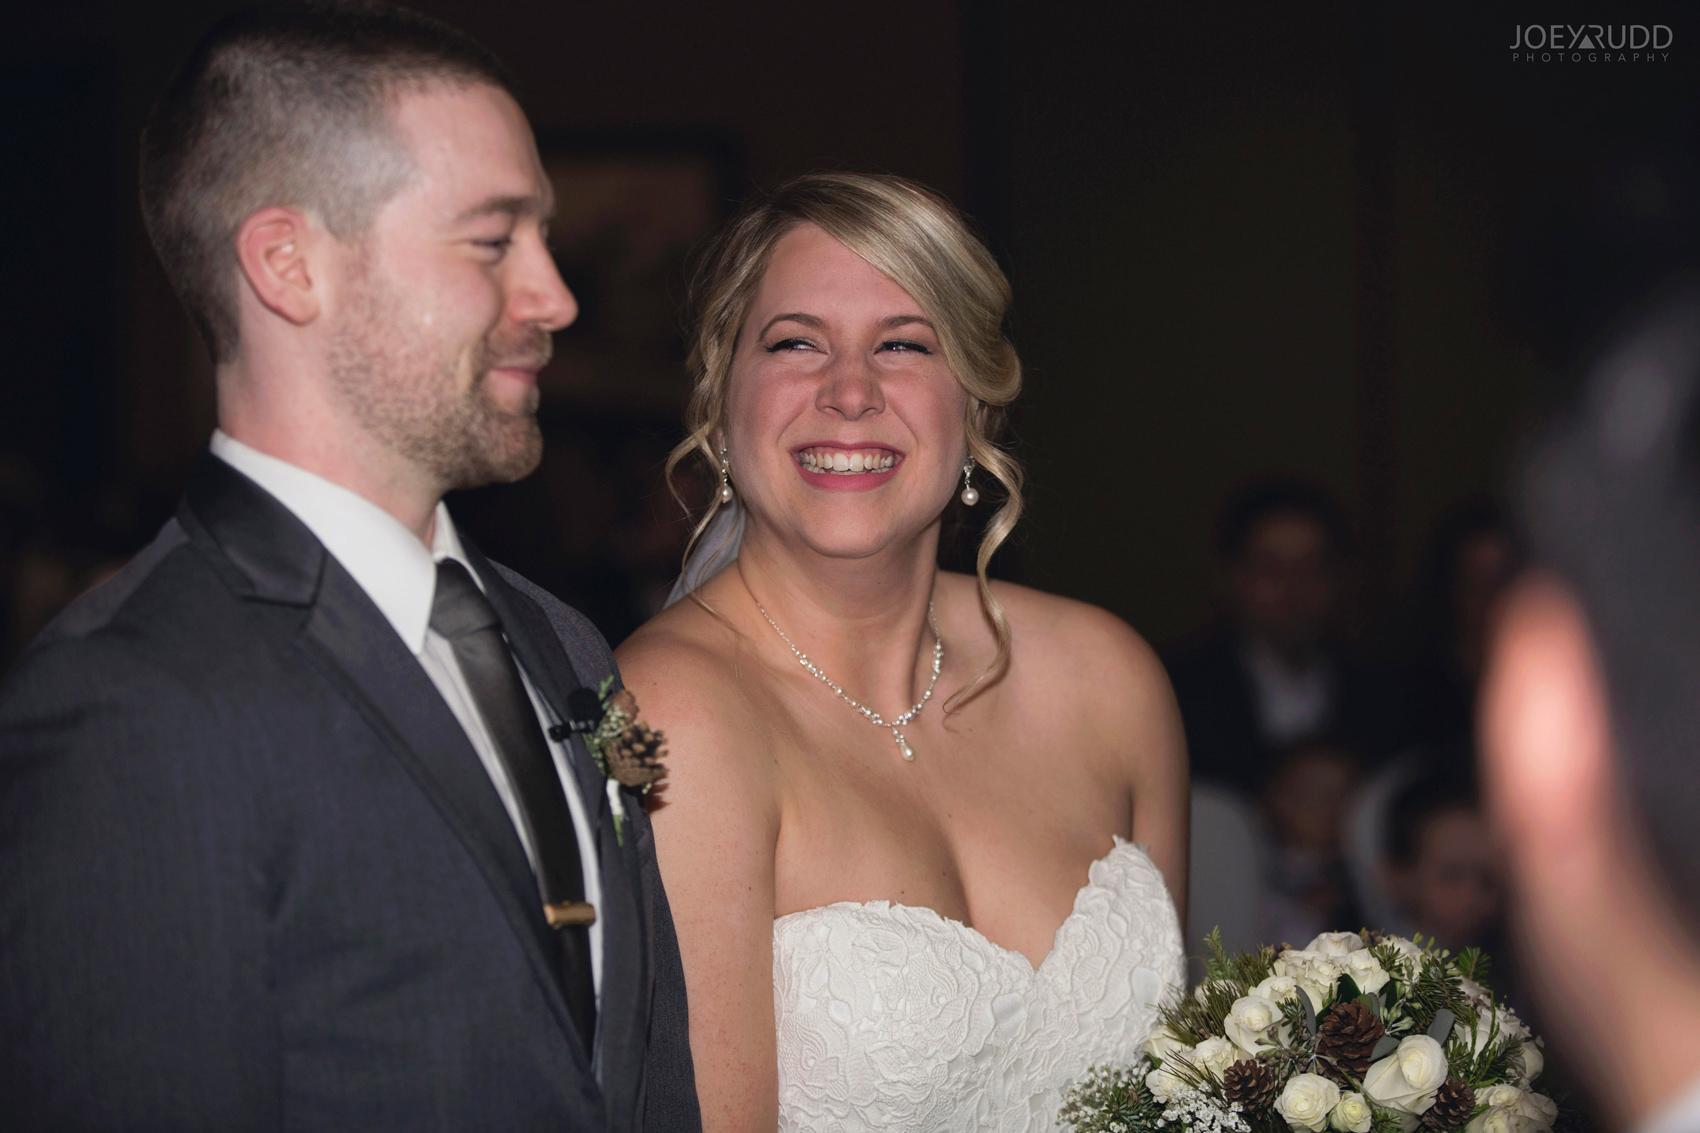 Winter Wedding in Ottawa at Greyhawk Golf Club by Ottawa Wedding Photographer Joey Rudd Photography Emotion Excitement